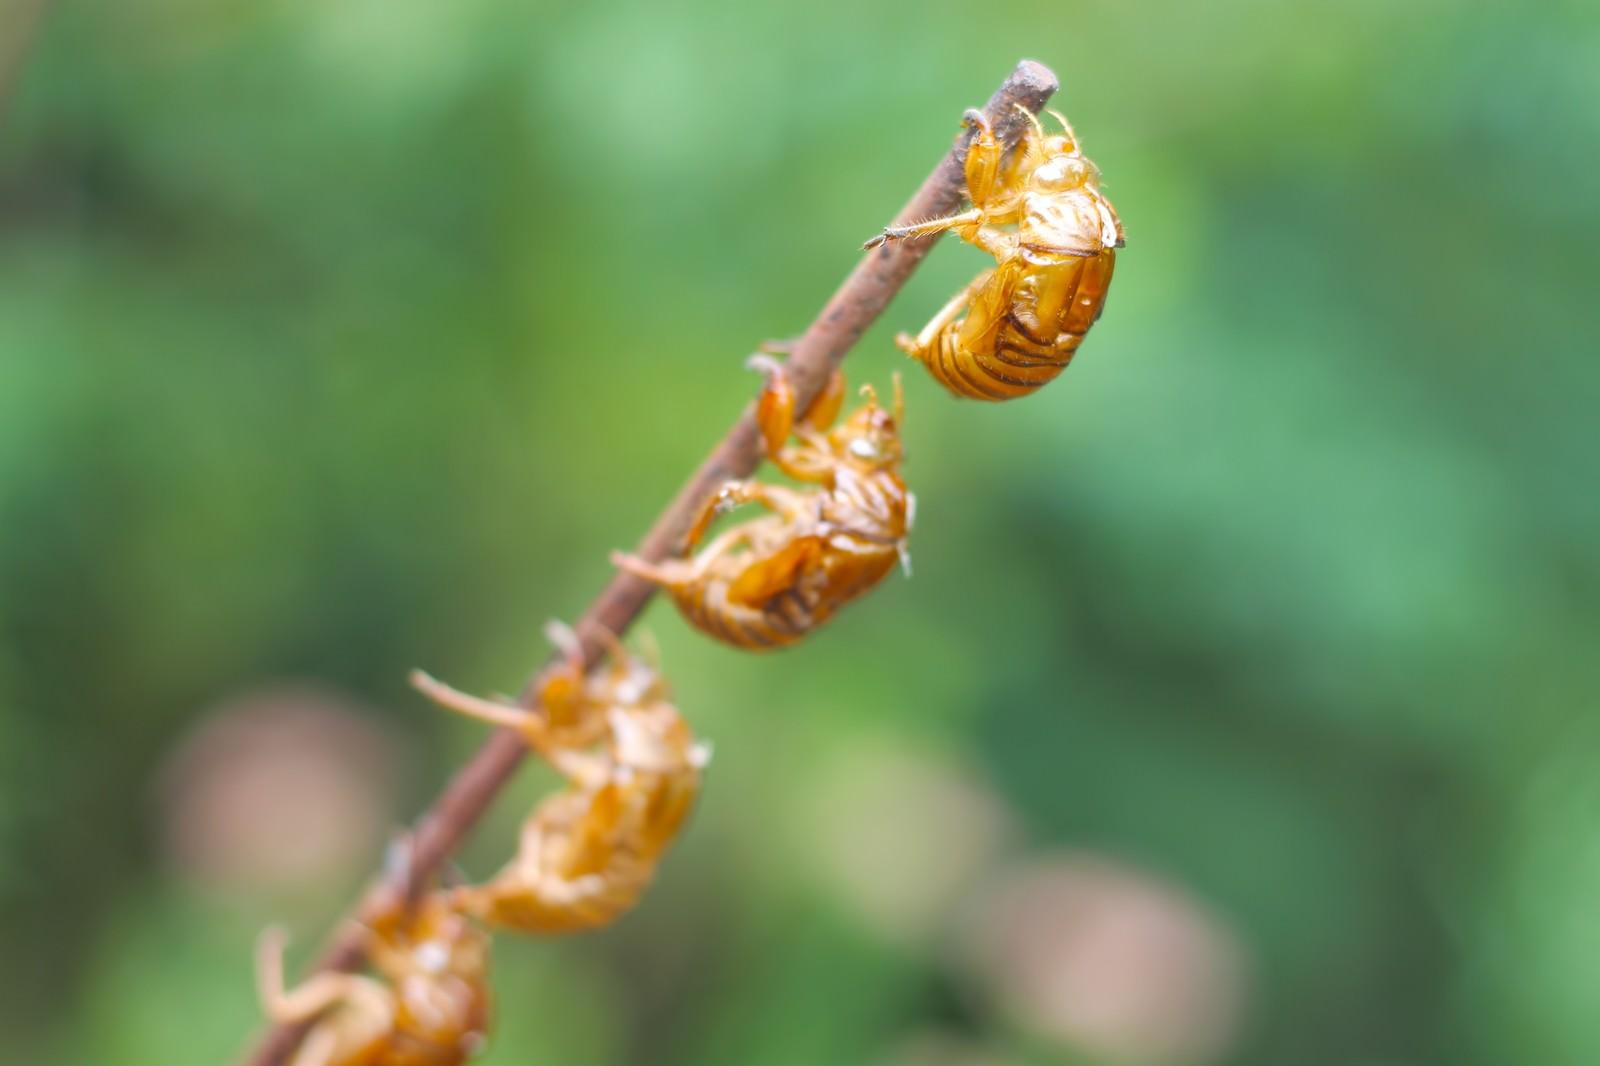 「連なる蝉の抜け殻」の写真